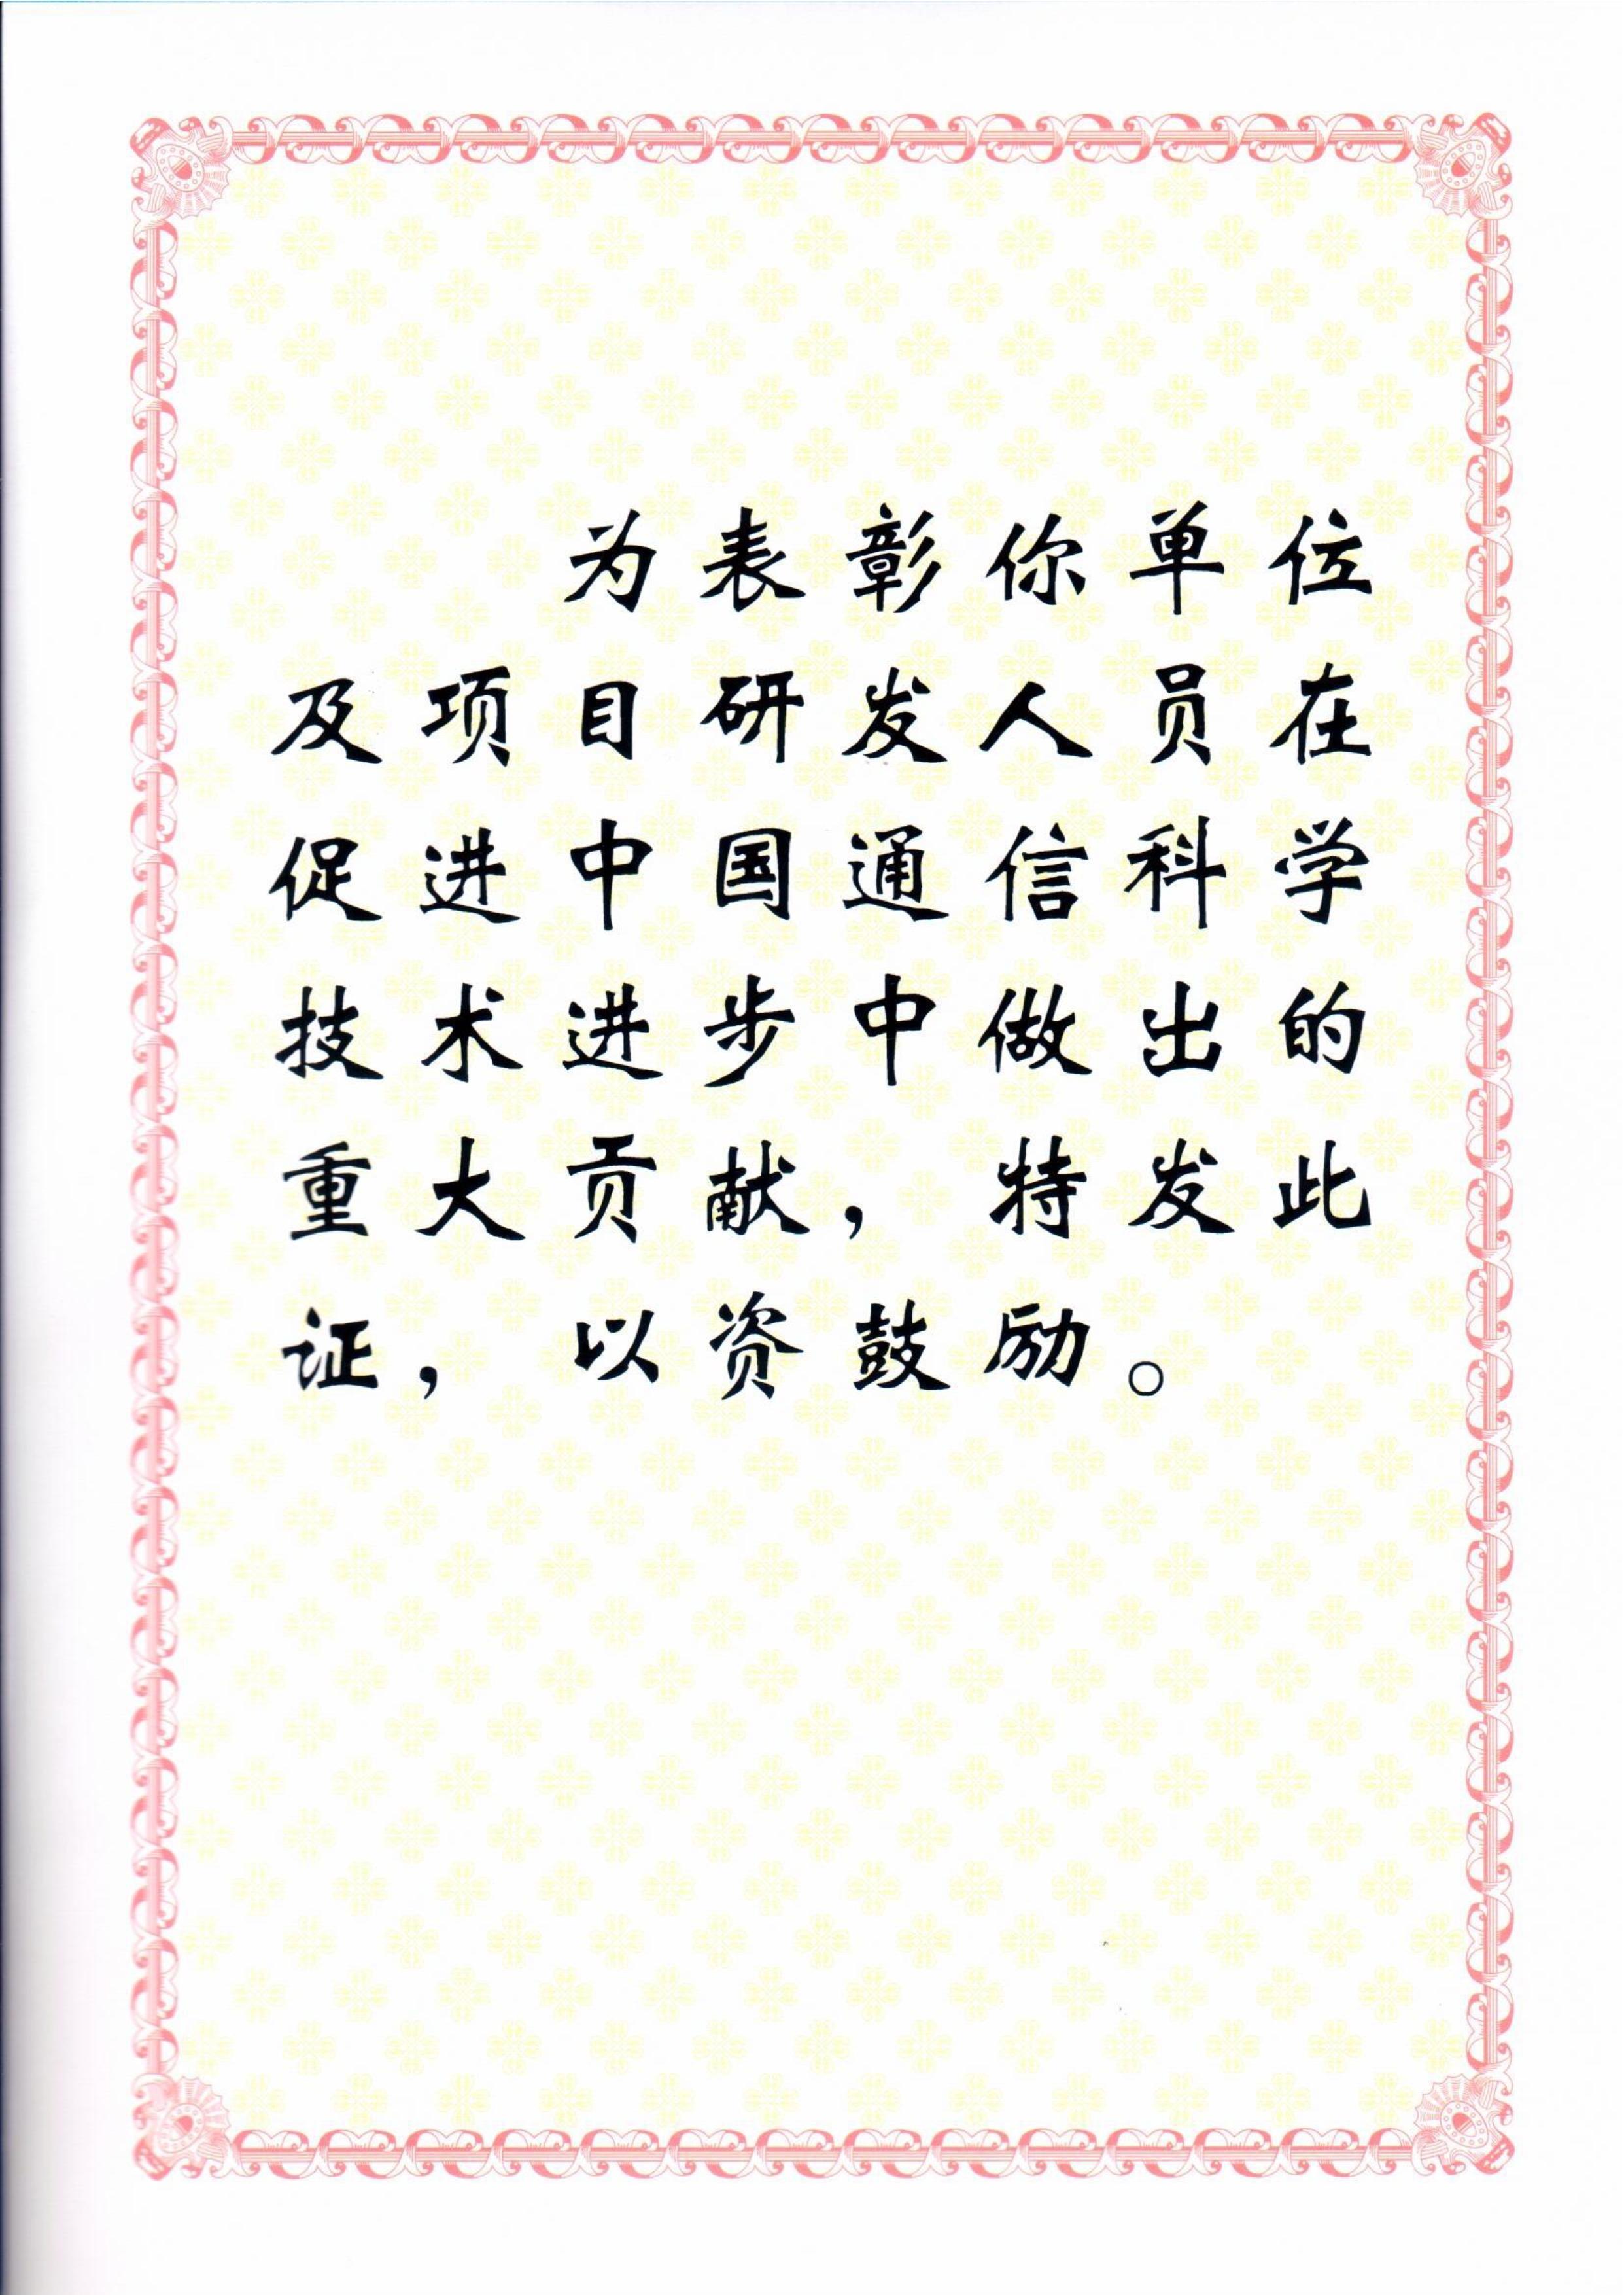 章鱼直播体肓足球研究院-中国章鱼直播nba在线观看学会科学技术奖_2